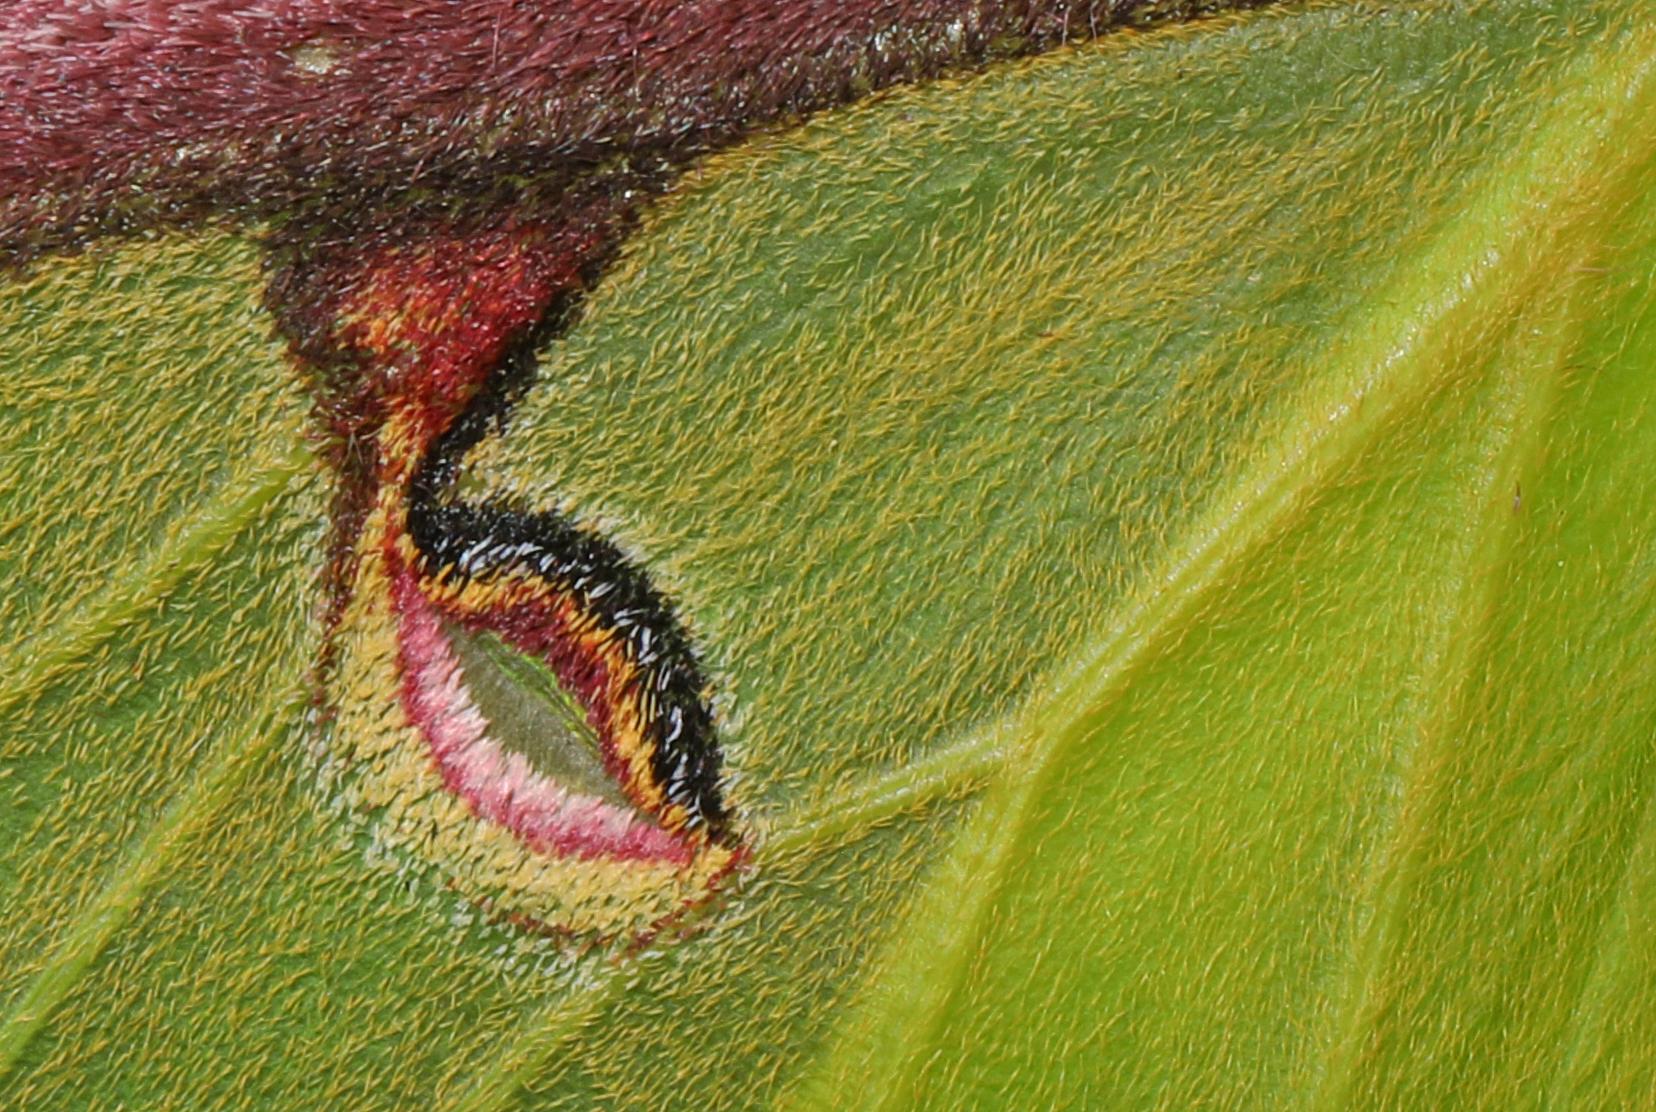 Luna Moth wing detail - Actias luna, Merrimac Farm Wildlife Management Area, Aden, Virginia